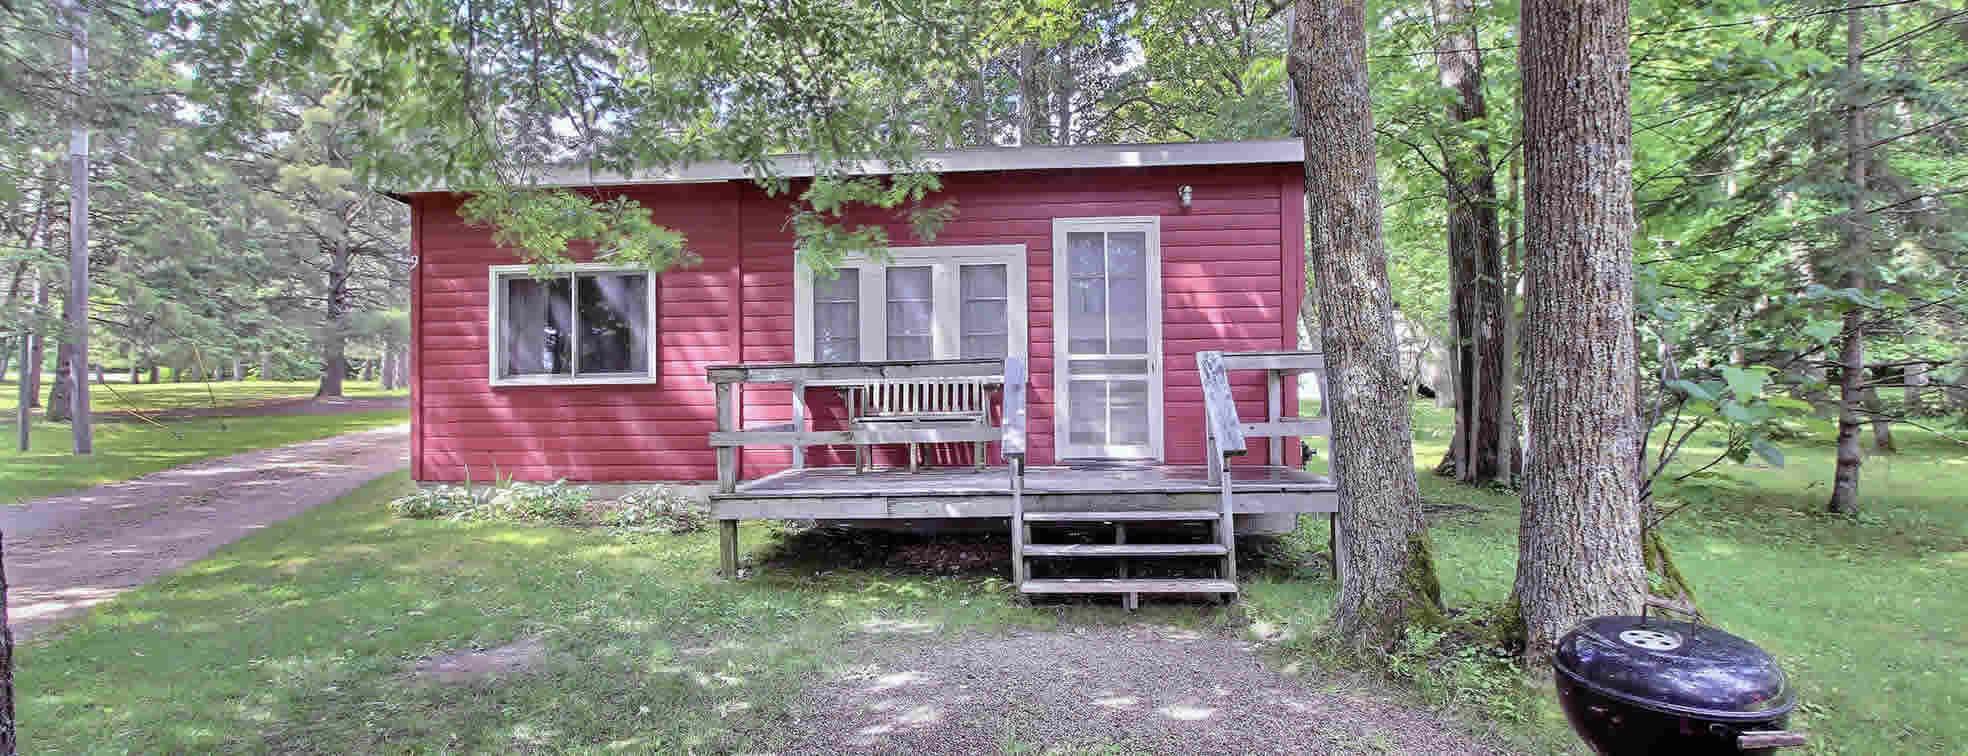 Lake Resort Cabins